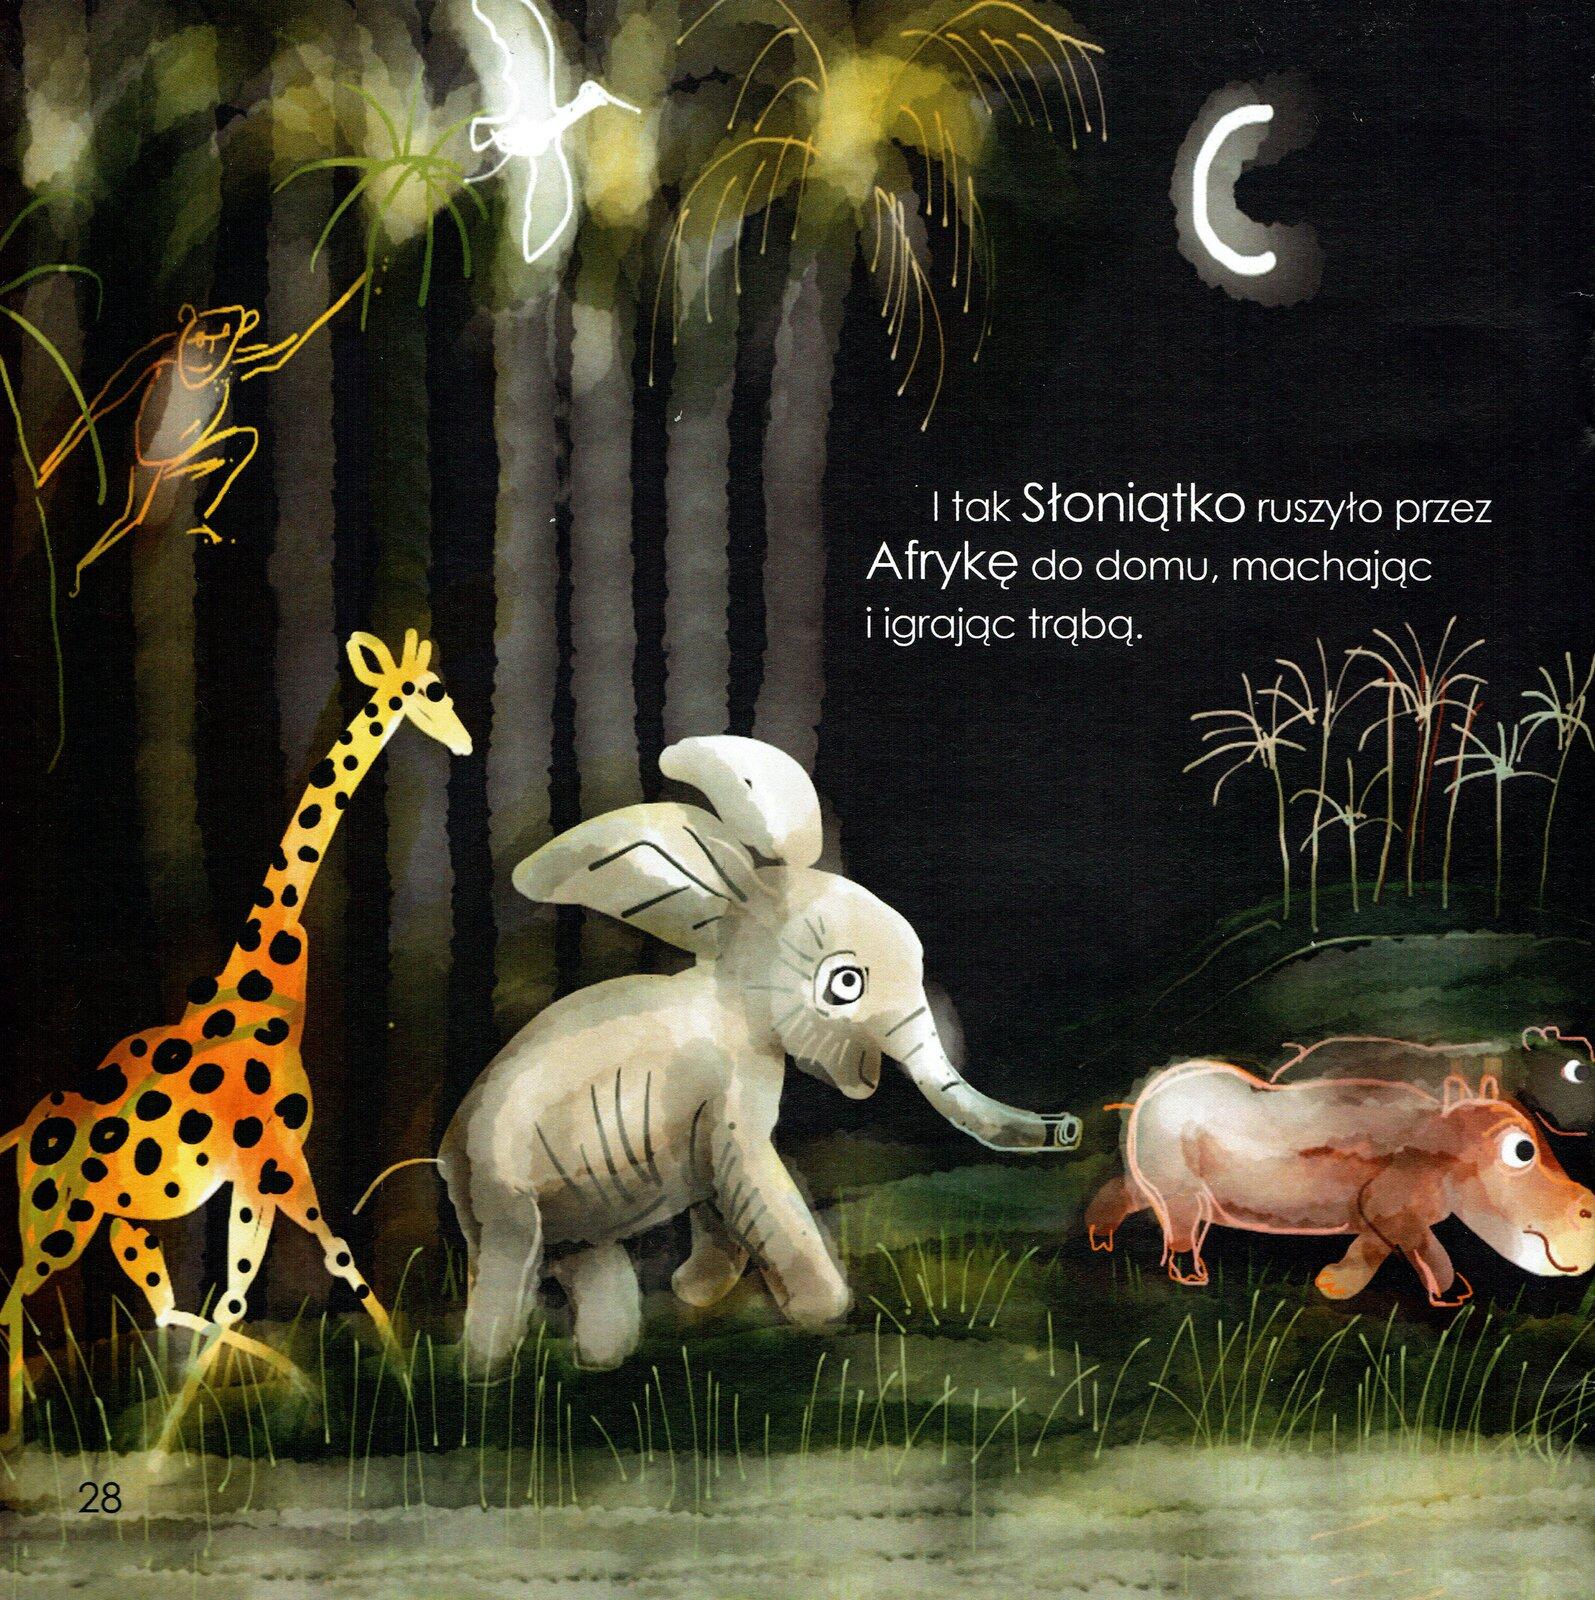 """Ilustracja przedstawia pracę Józefa Wilkonia zksiążki Rudyarda Kiplinga """"Słoniątko"""". Ukazuje biegnące przez las zwierzęta: żyrafę, słonia oraz dwa hipopotamy. Między drzewami przemieszcza się małpa, aprzed nią leci ptak. Na horyzoncie znajduje się wzgórze zpalmami. Czarne tło rozświetla róg księżyca. Na ilustracji widnieje napis: """"I tak Słoniątko ruszyło przez Afrykę do domu, machając iigrając trąbą""""."""